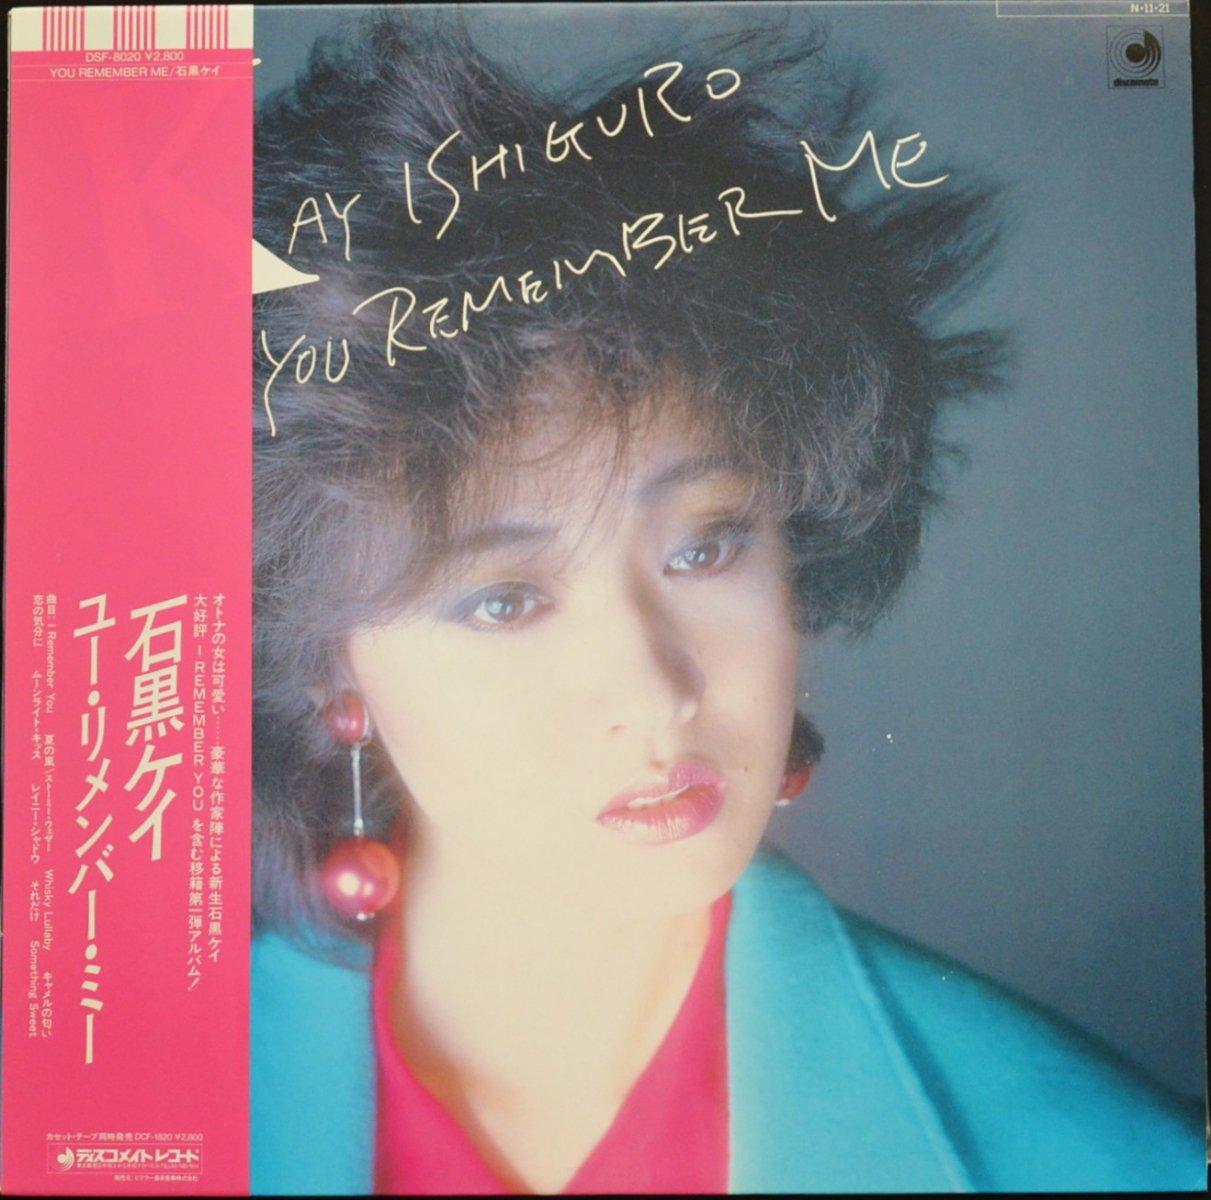 石黒ケイ KEI ISHIGURO / ユー・リメンバー・ミー YOU REMEMBER ME (LP)